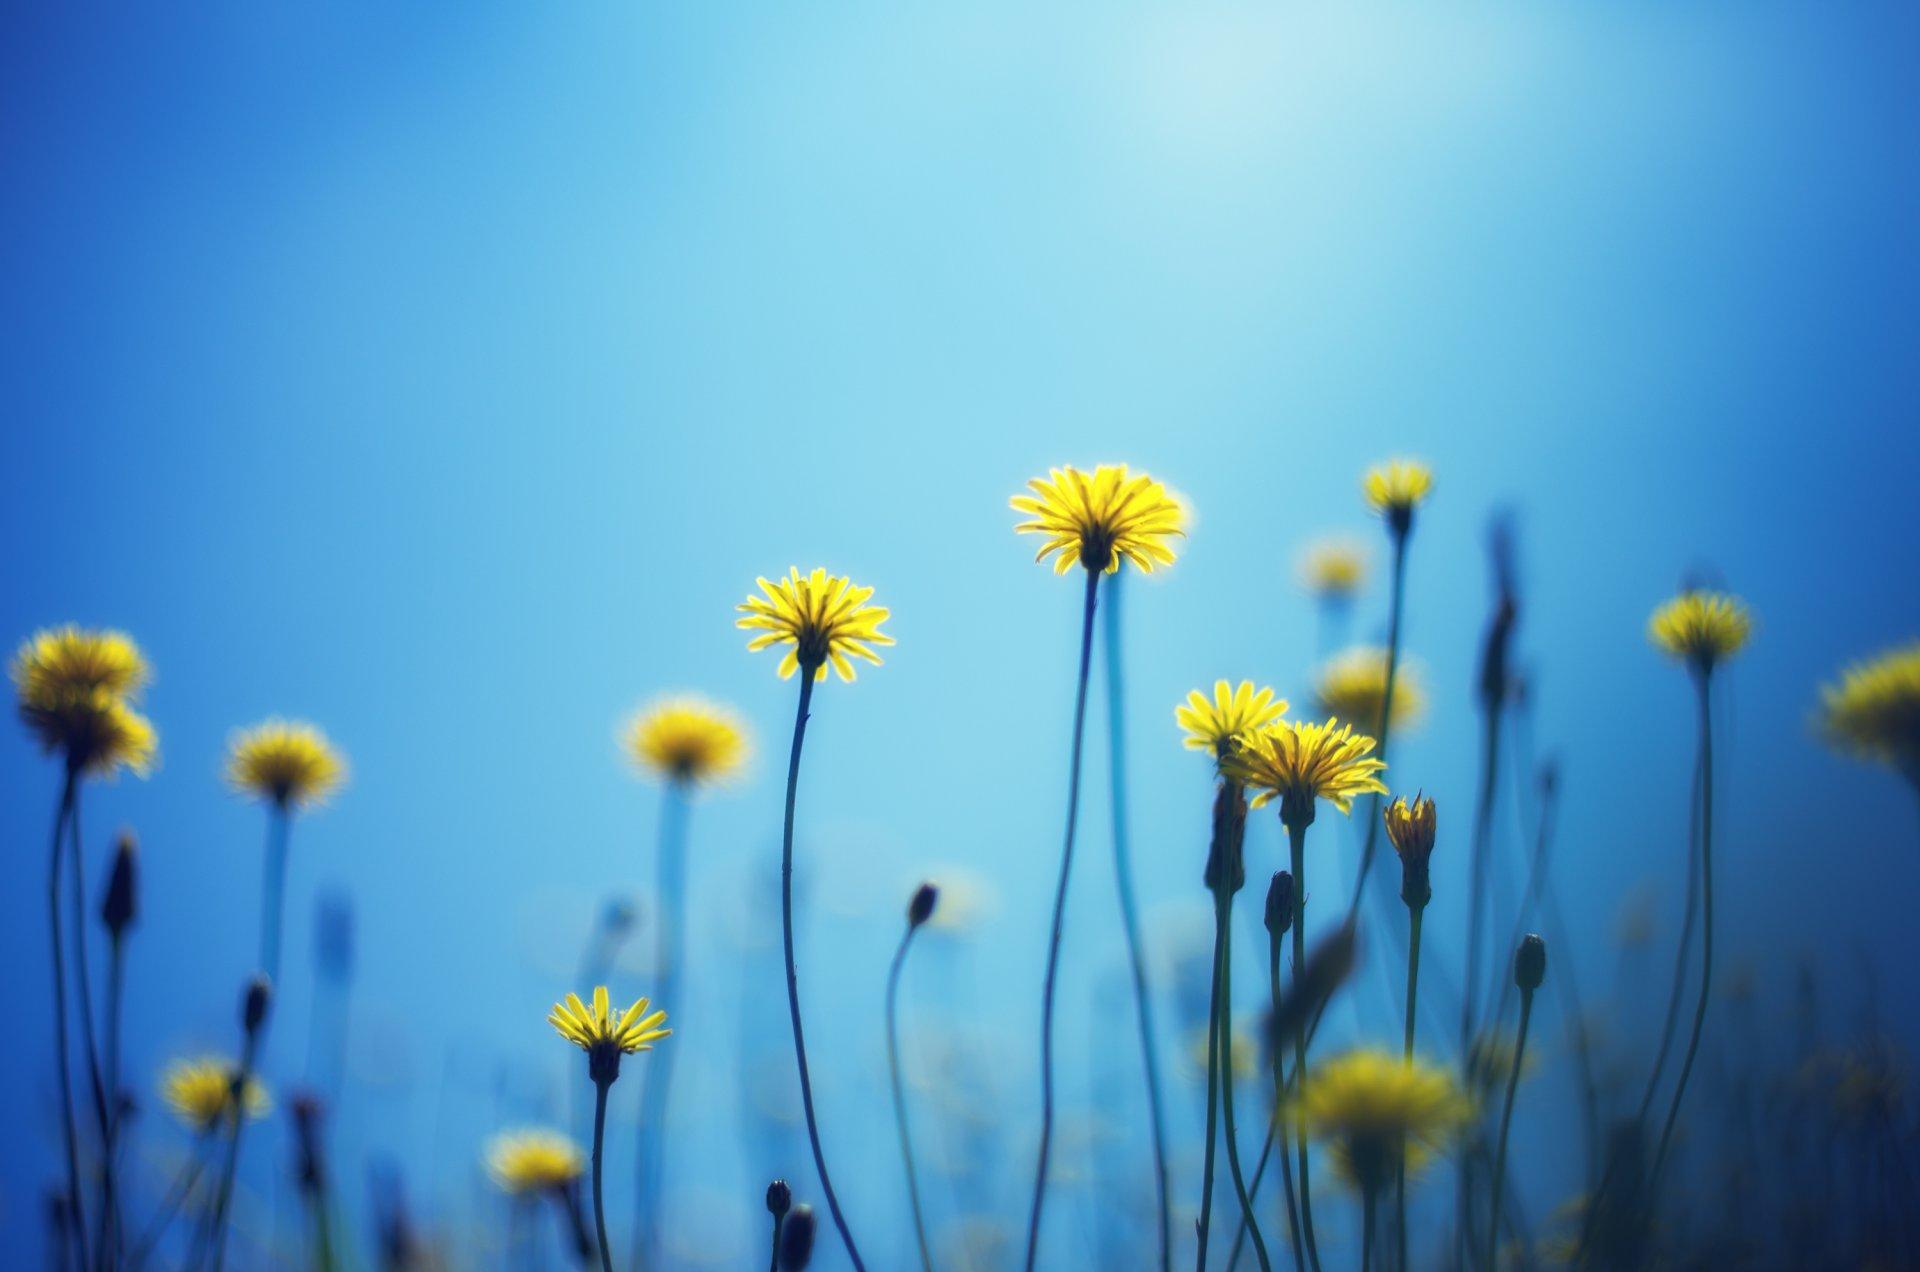 Картинки желто голубые